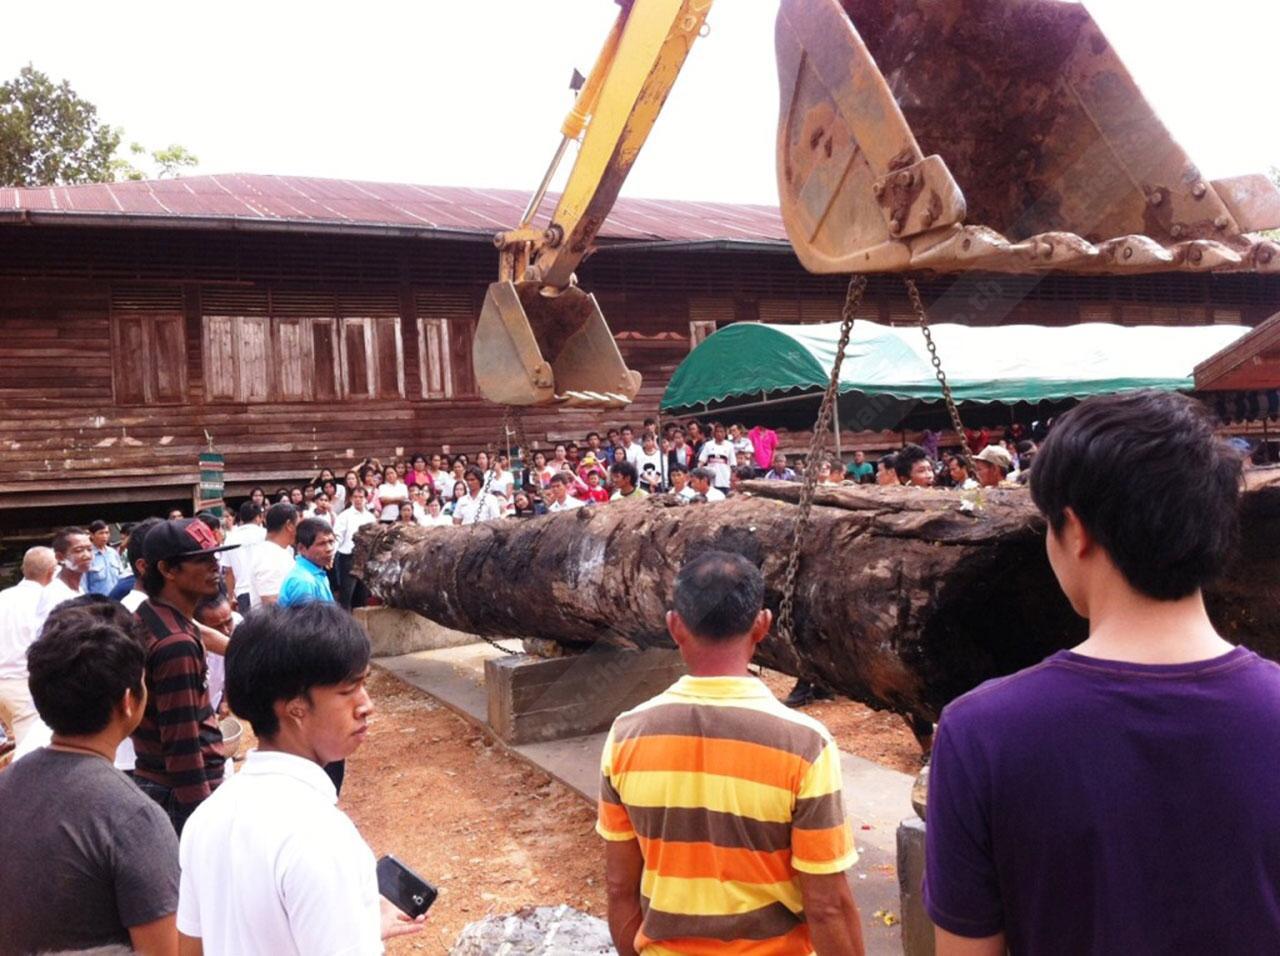 ชาวบ้านใช้แบ็กโฮ นำไม้ตะเคียนทองขึ้นจากลำน้ำว้า